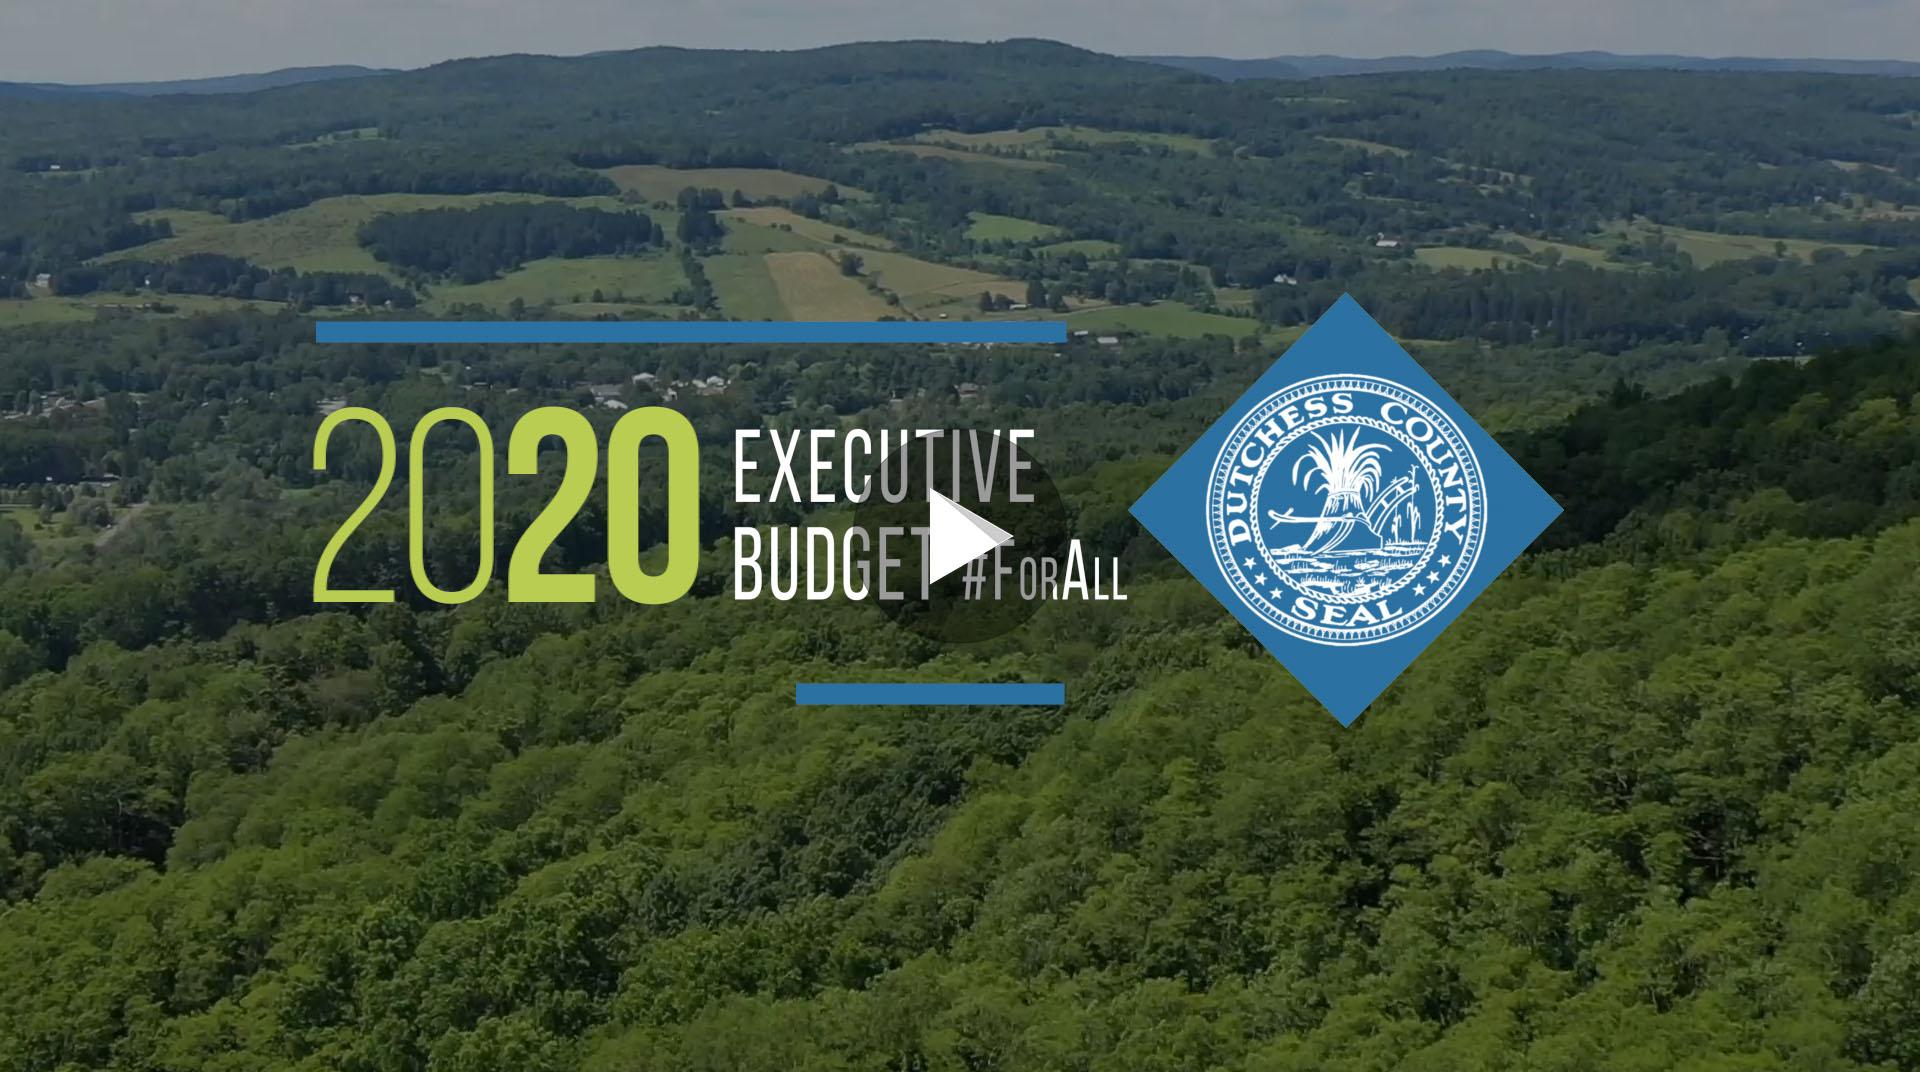 Screenshot of 2020 Budget Announcement video